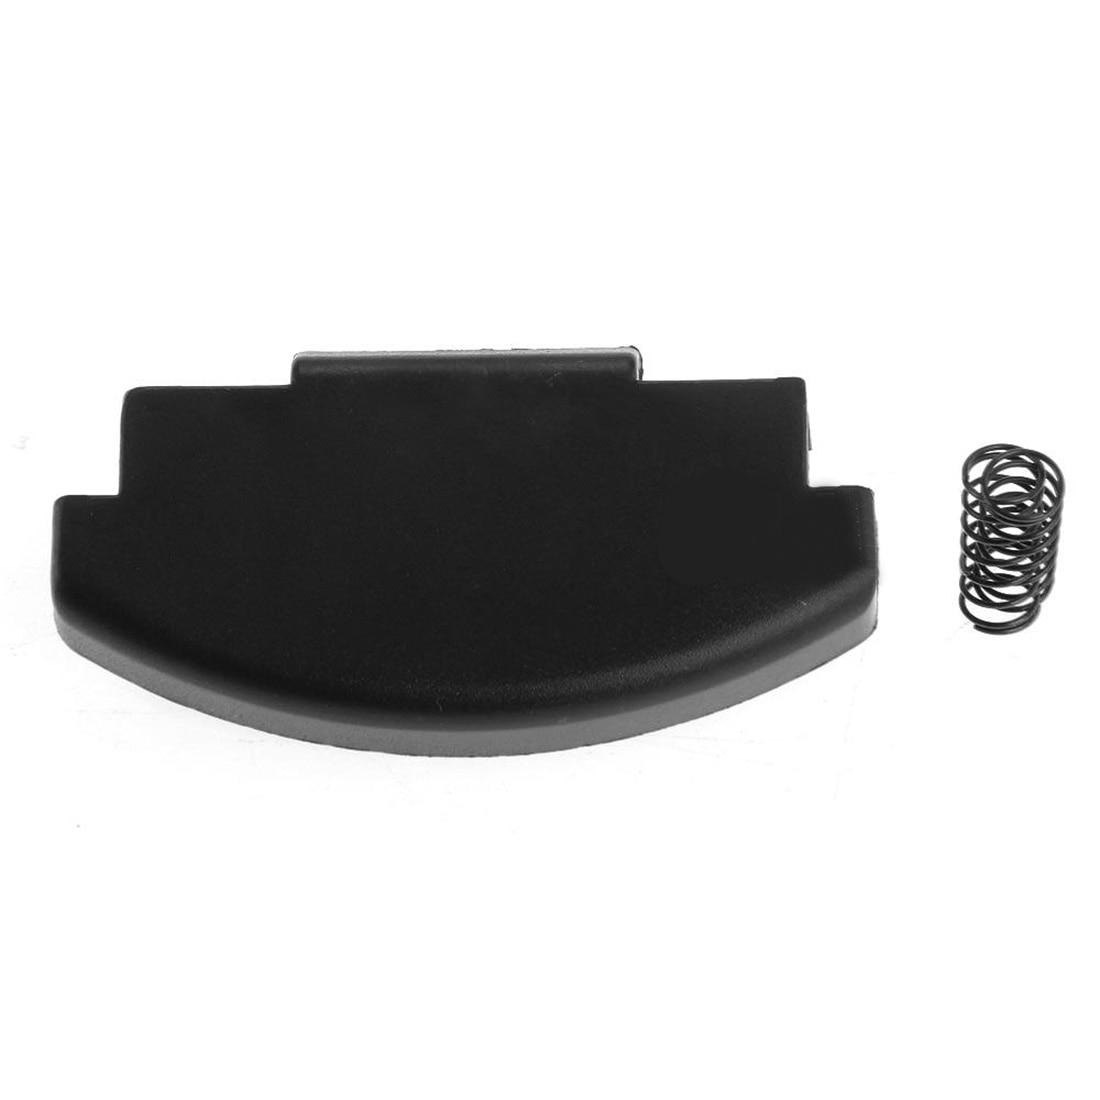 CAR partment Car Centre Console Armrest Lid Latch Repair For Vw Jetta Bora Mk4